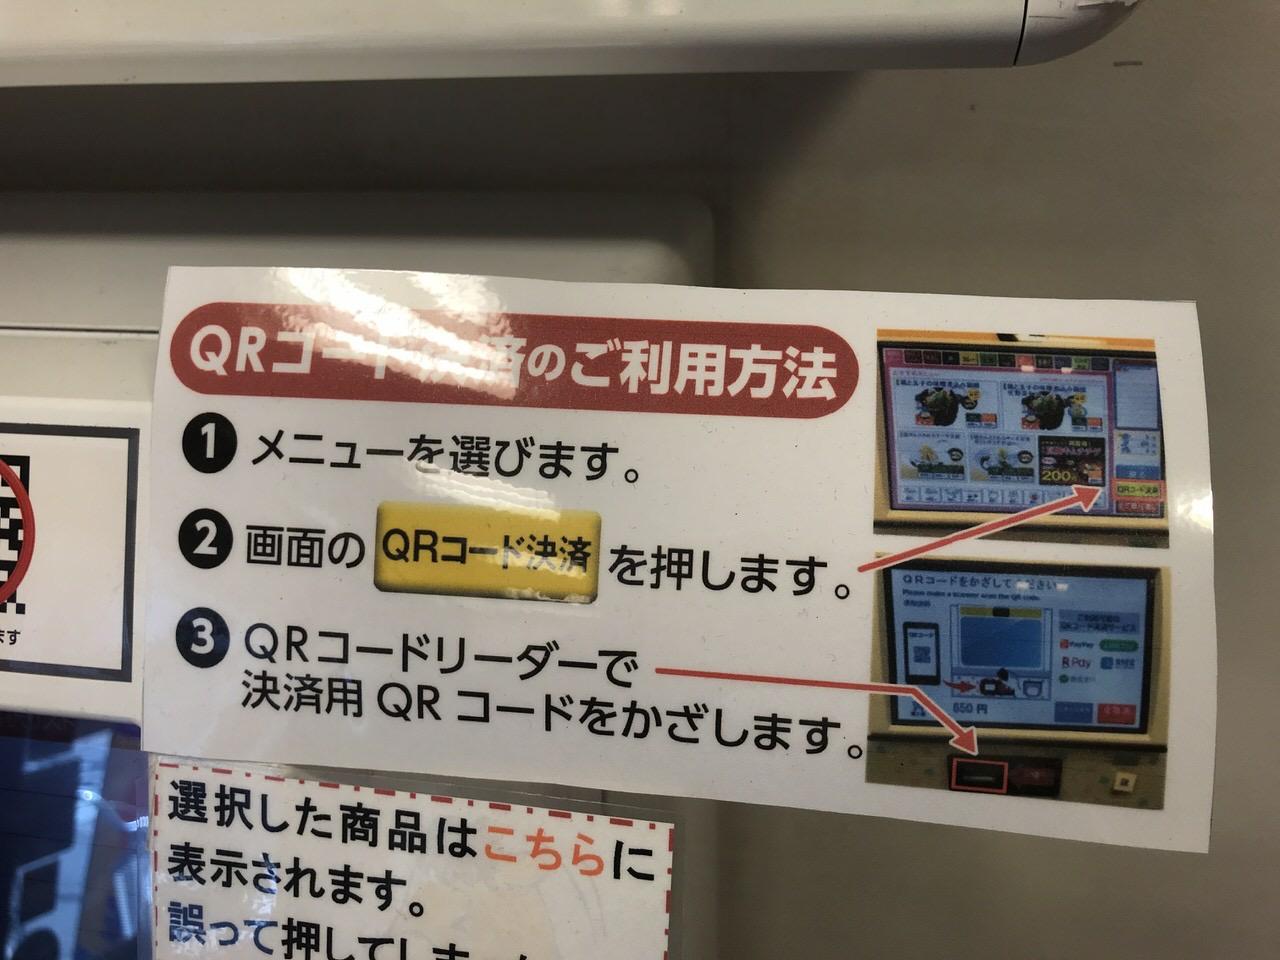 松屋 QRコード決済の利用方法